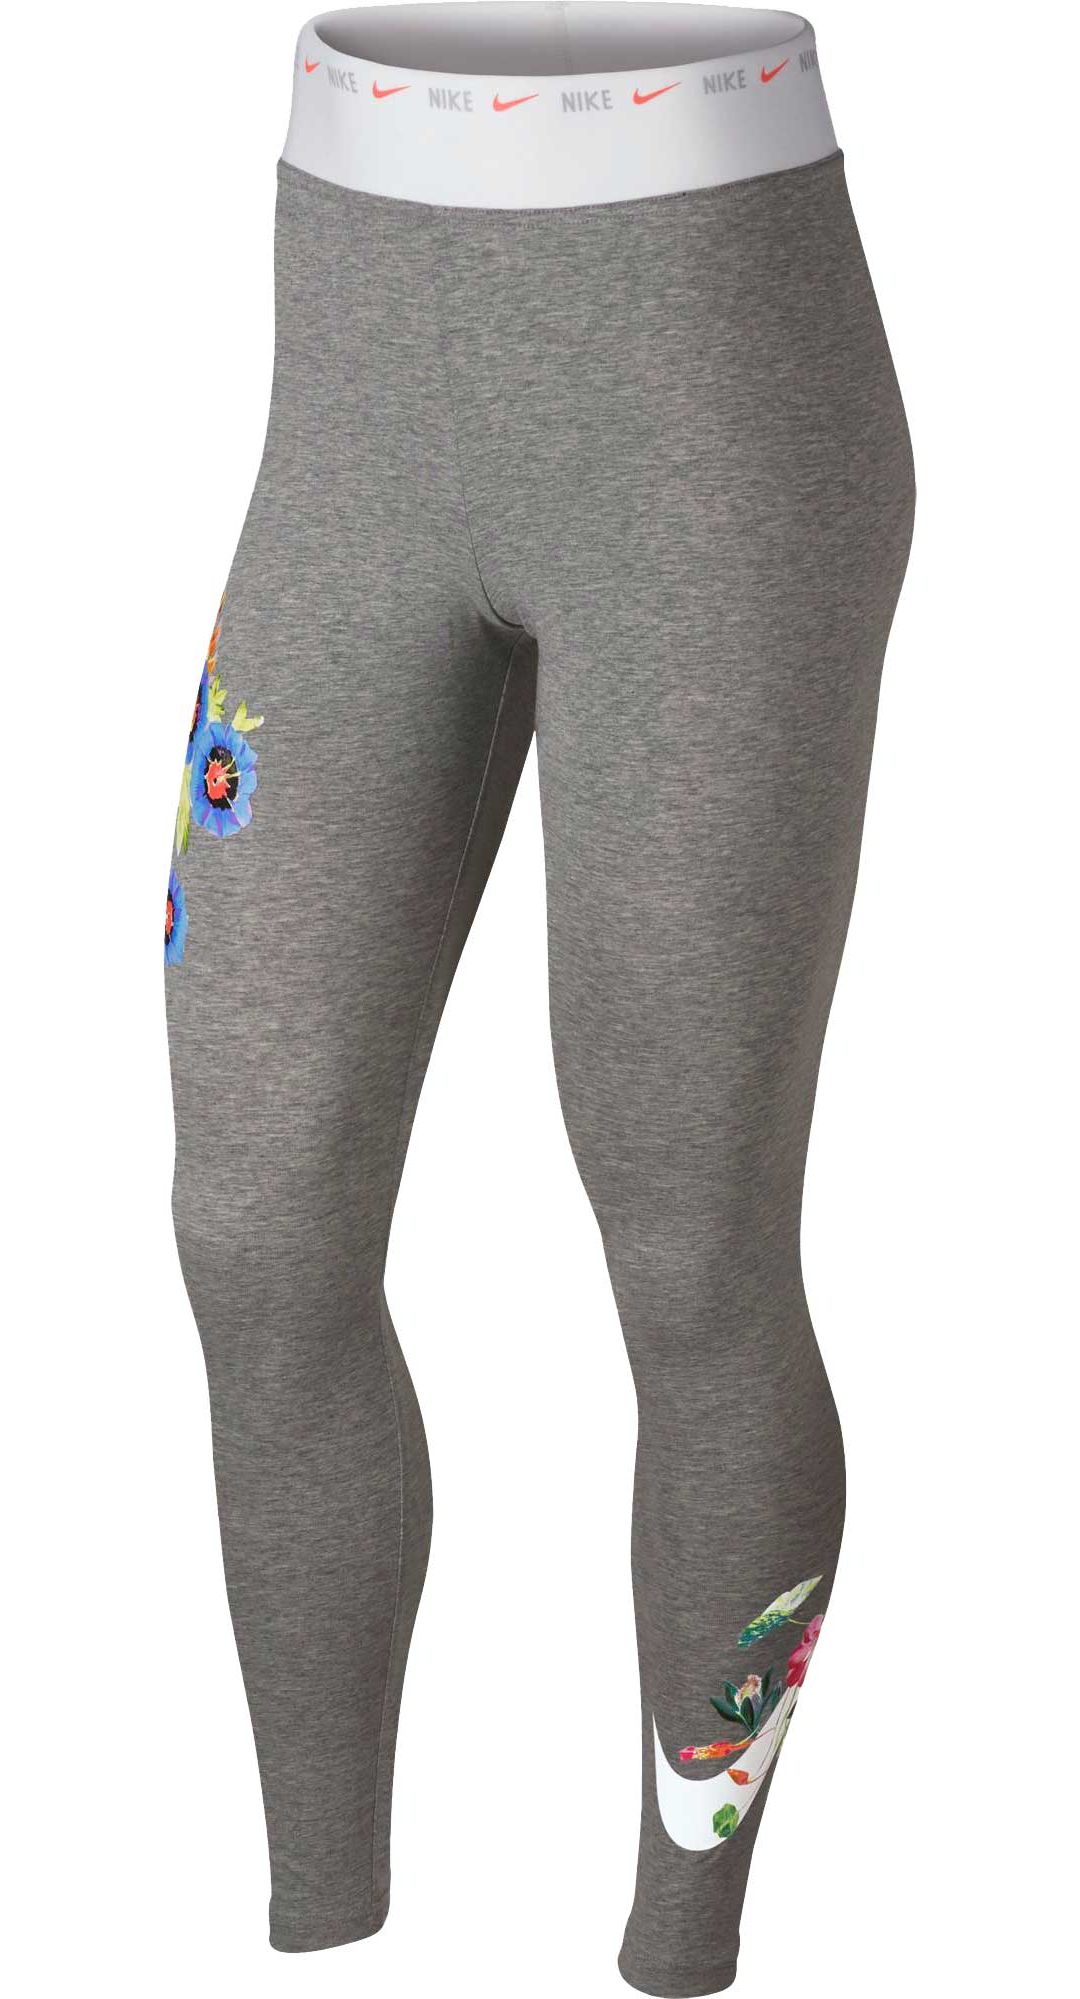 a9a0490910a499 Nike Women's Sportswear Leg-A-See Femme Leggings. noImageFound. Previous